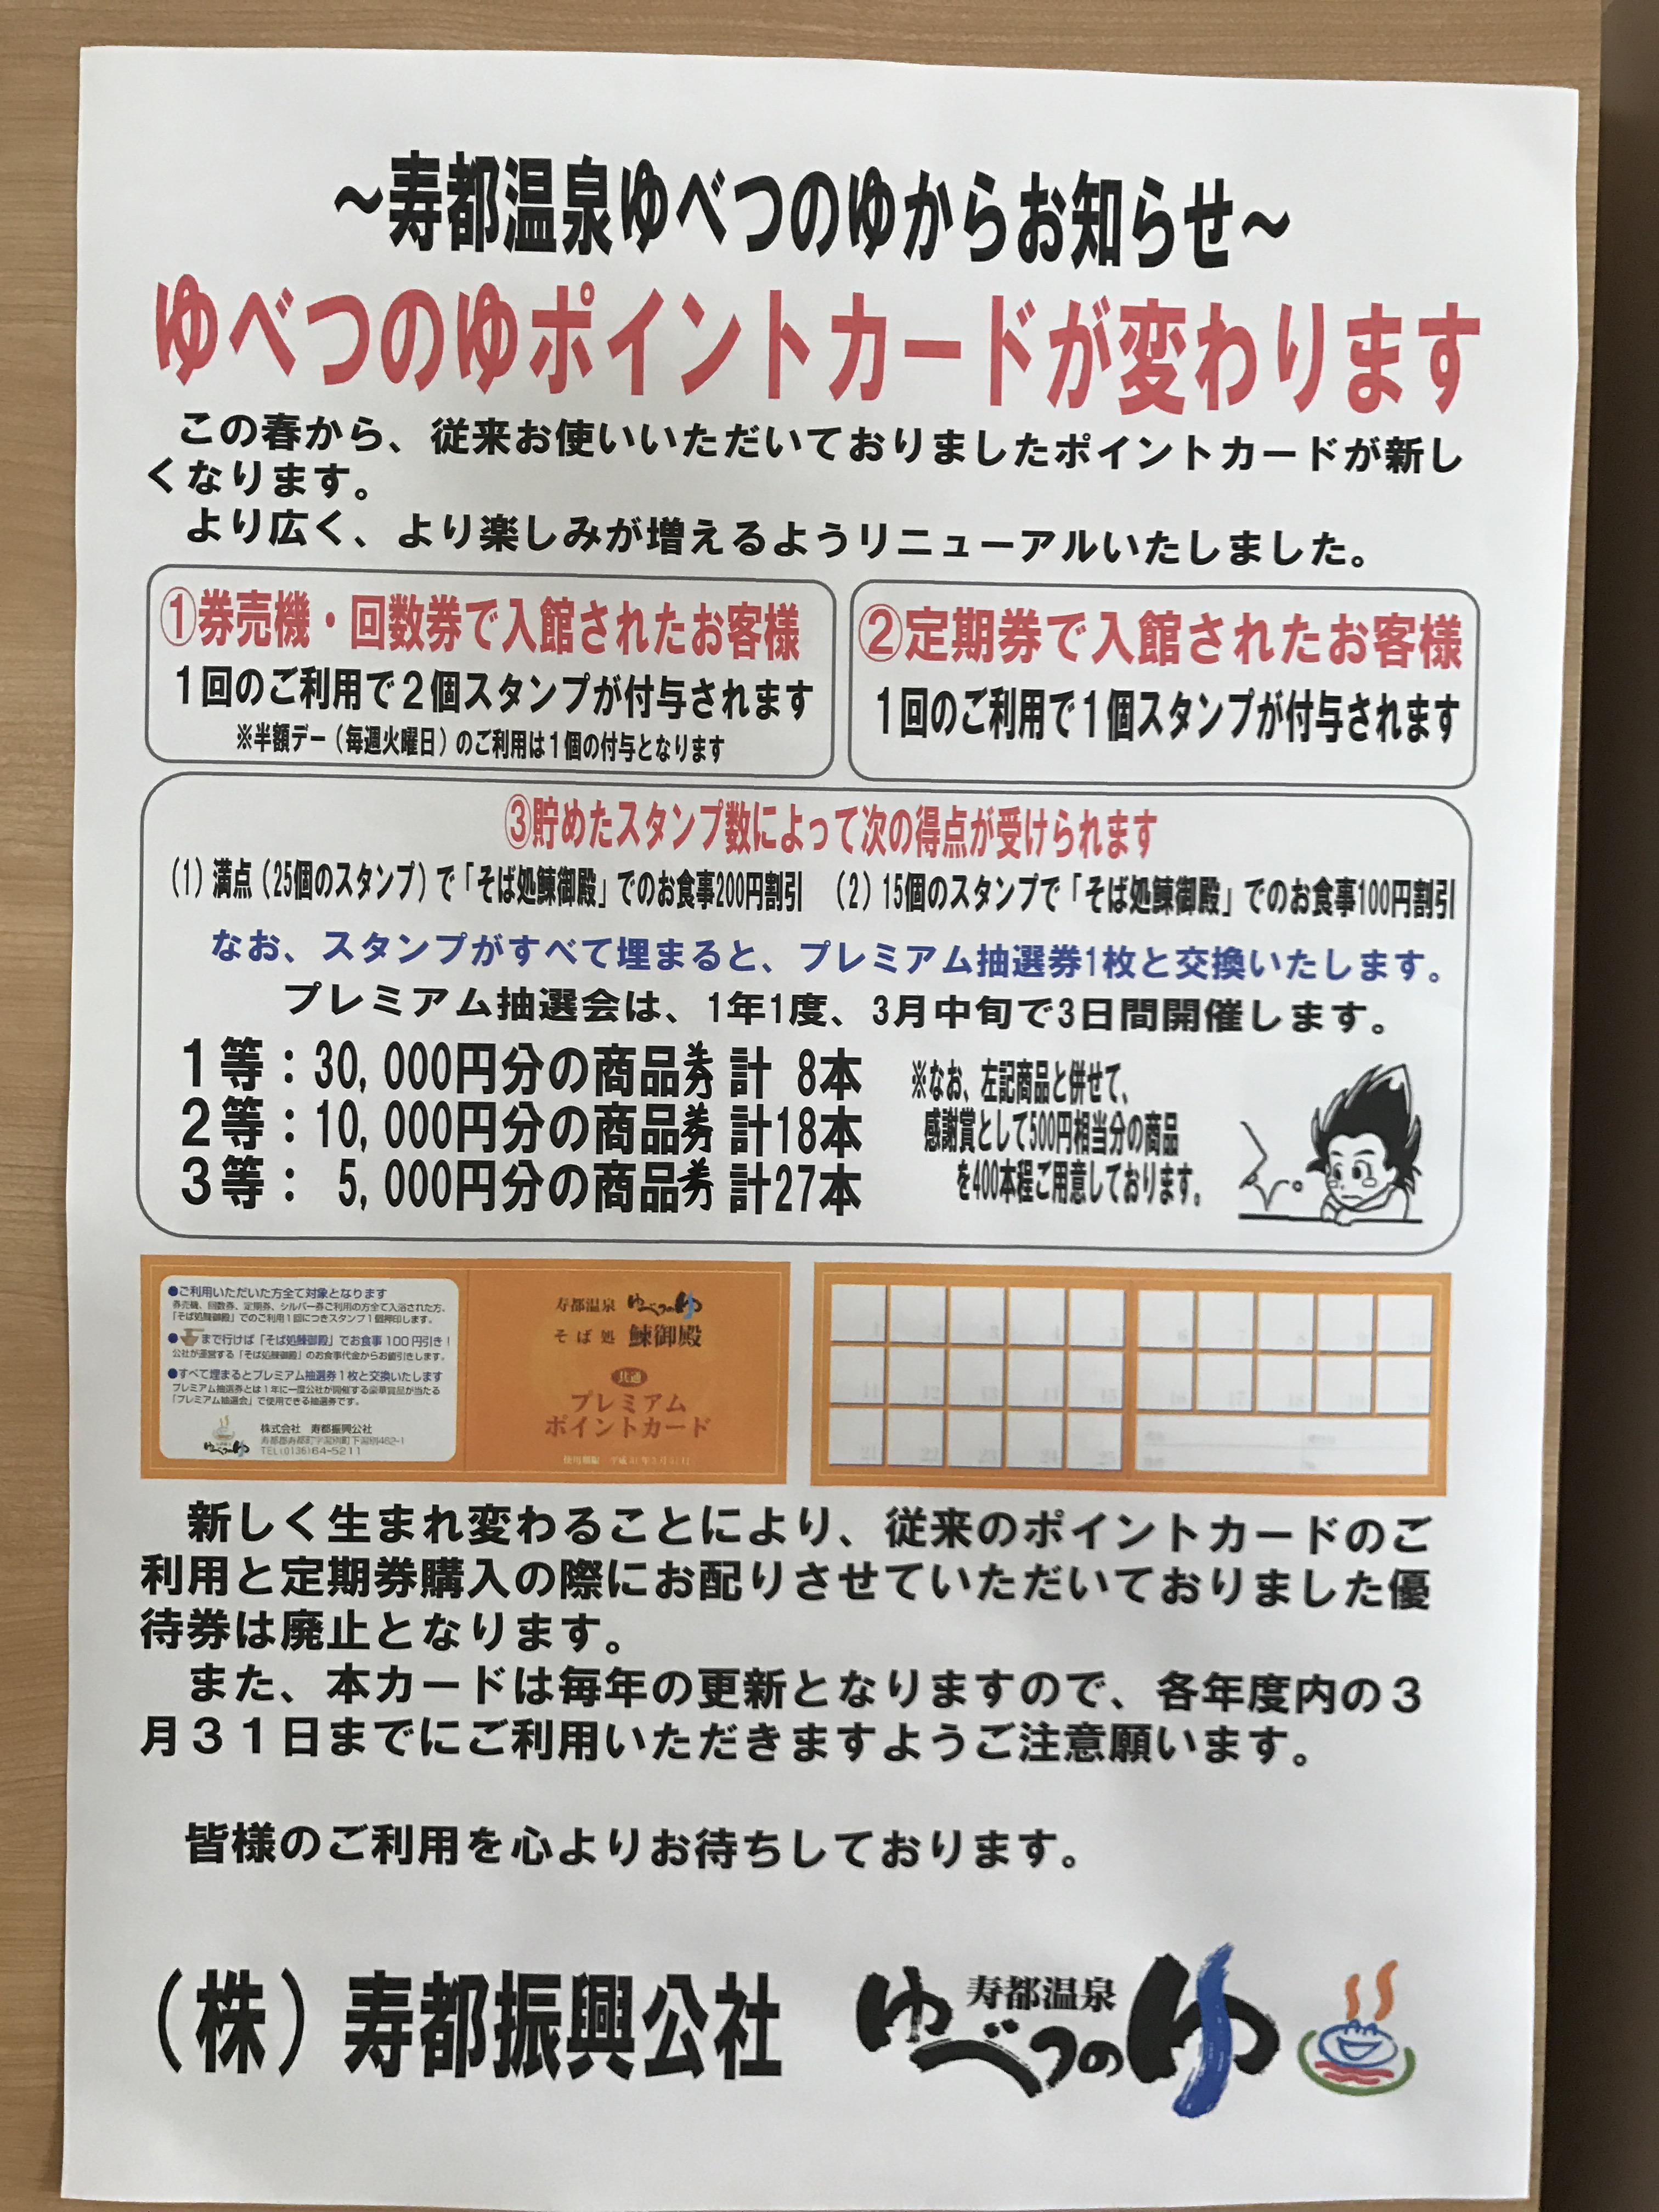 四月よりポイントカードが新しくなります٩(^‿^)۶